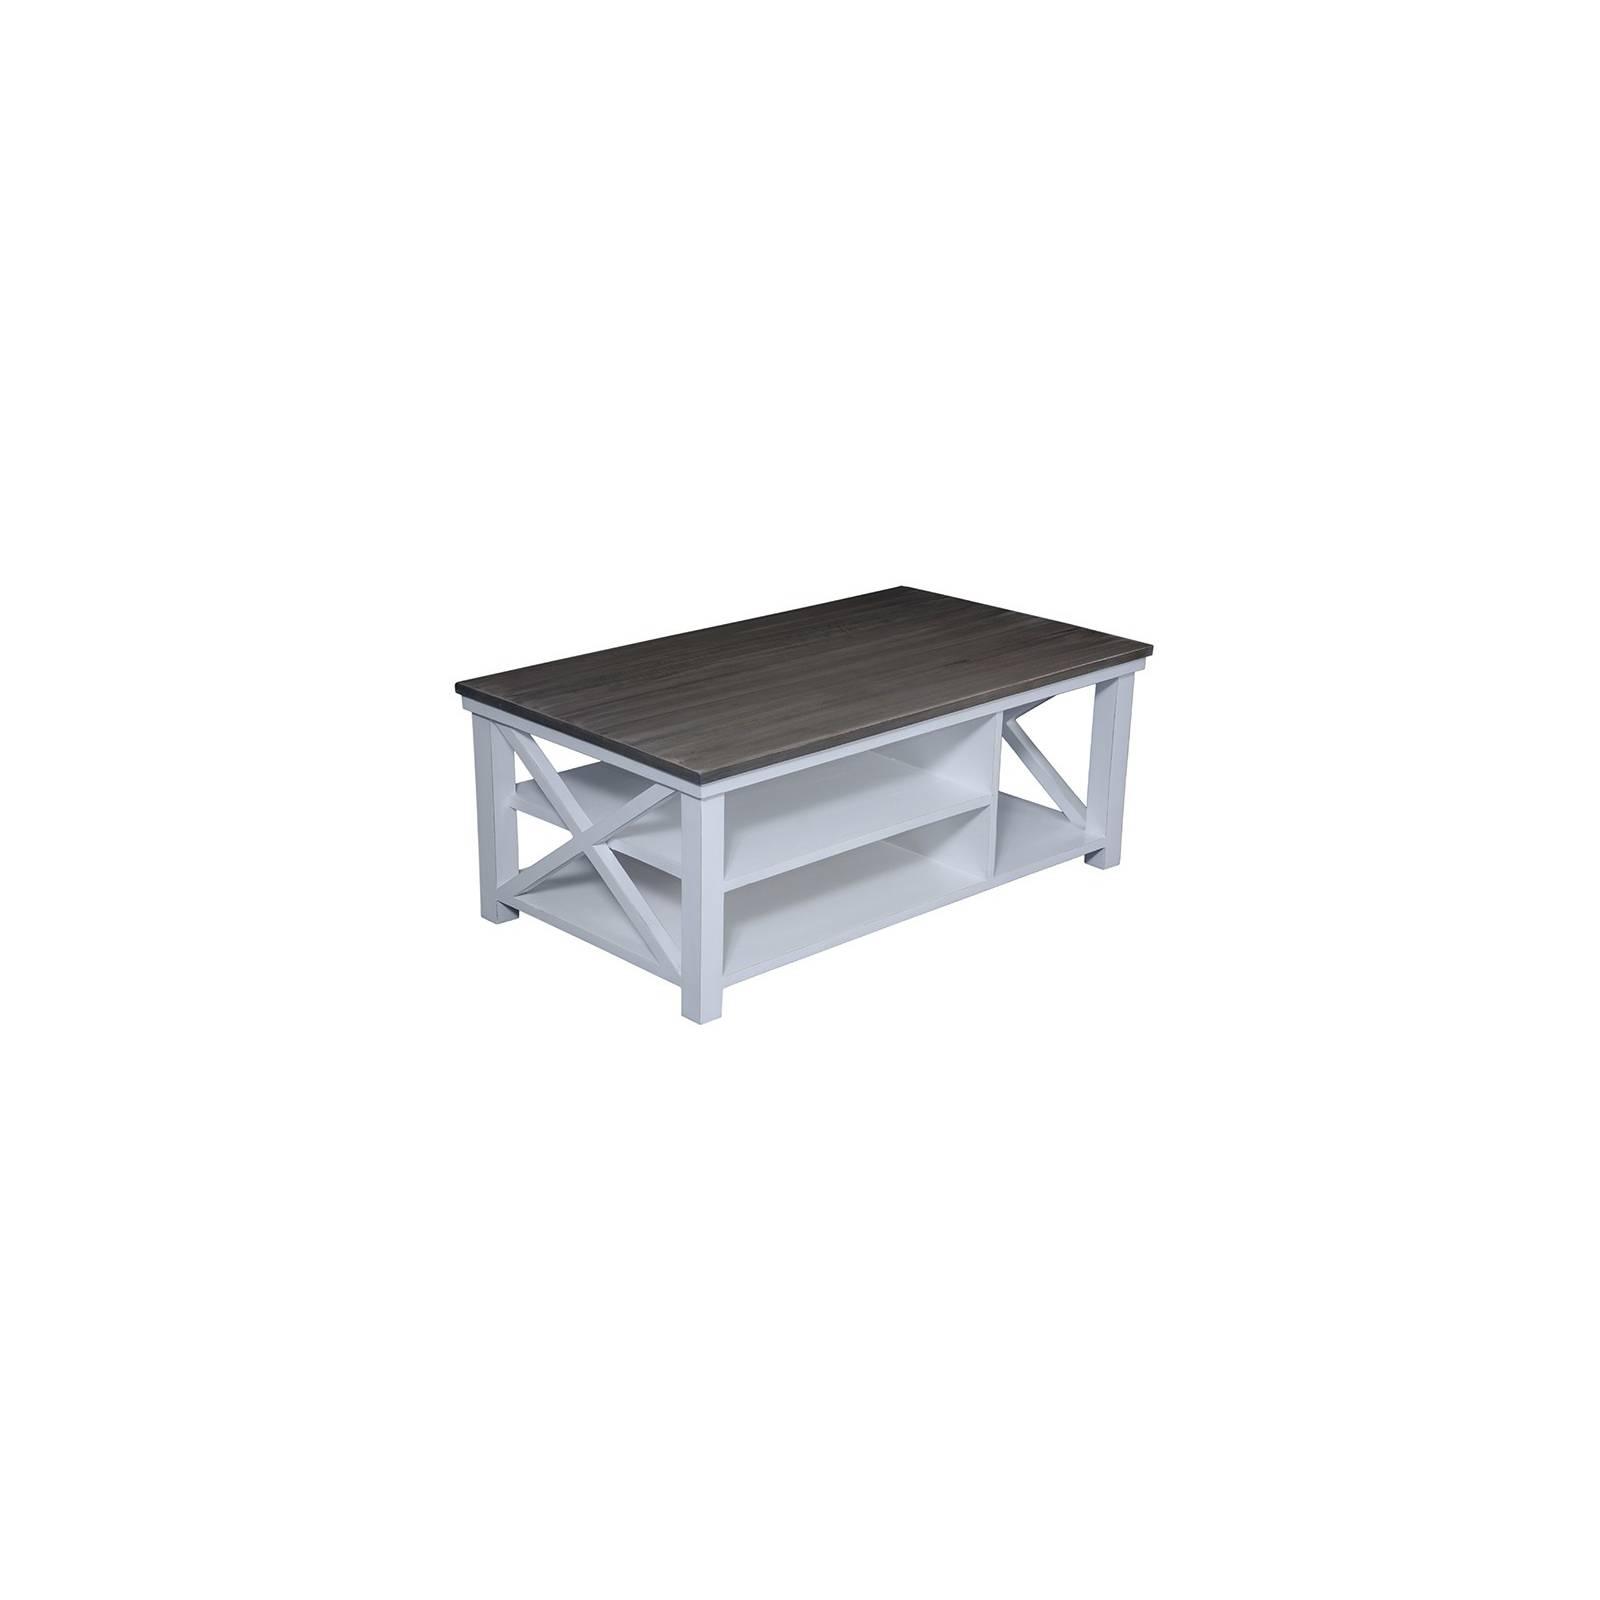 Table Basse Bokéo Manguier - meuble bois exotique